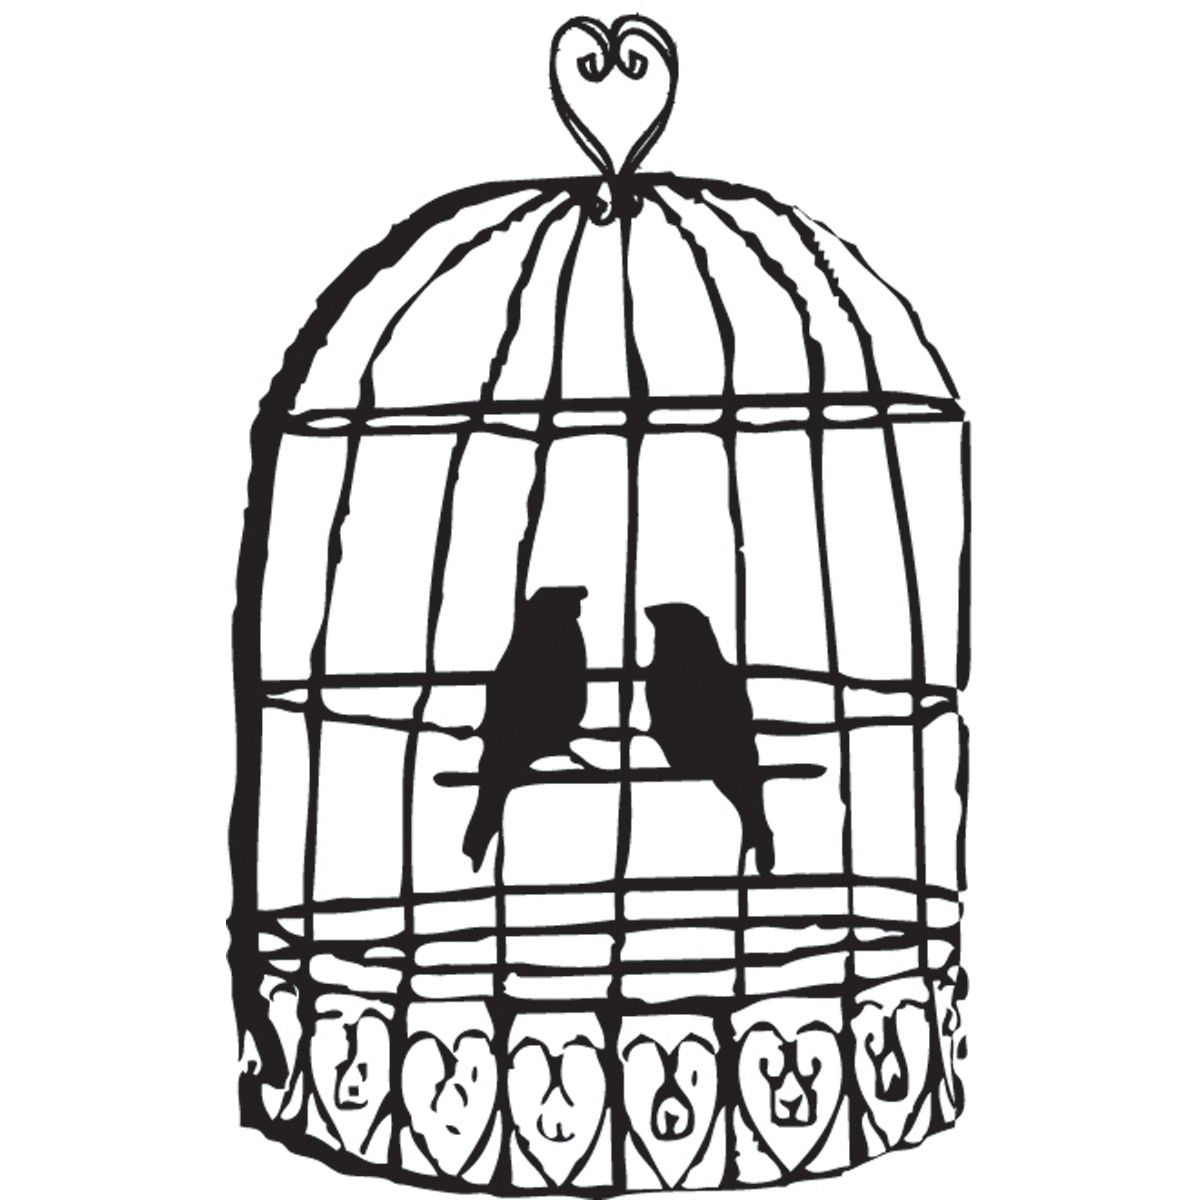 Vintage Birdcage Drawing At Getdrawings